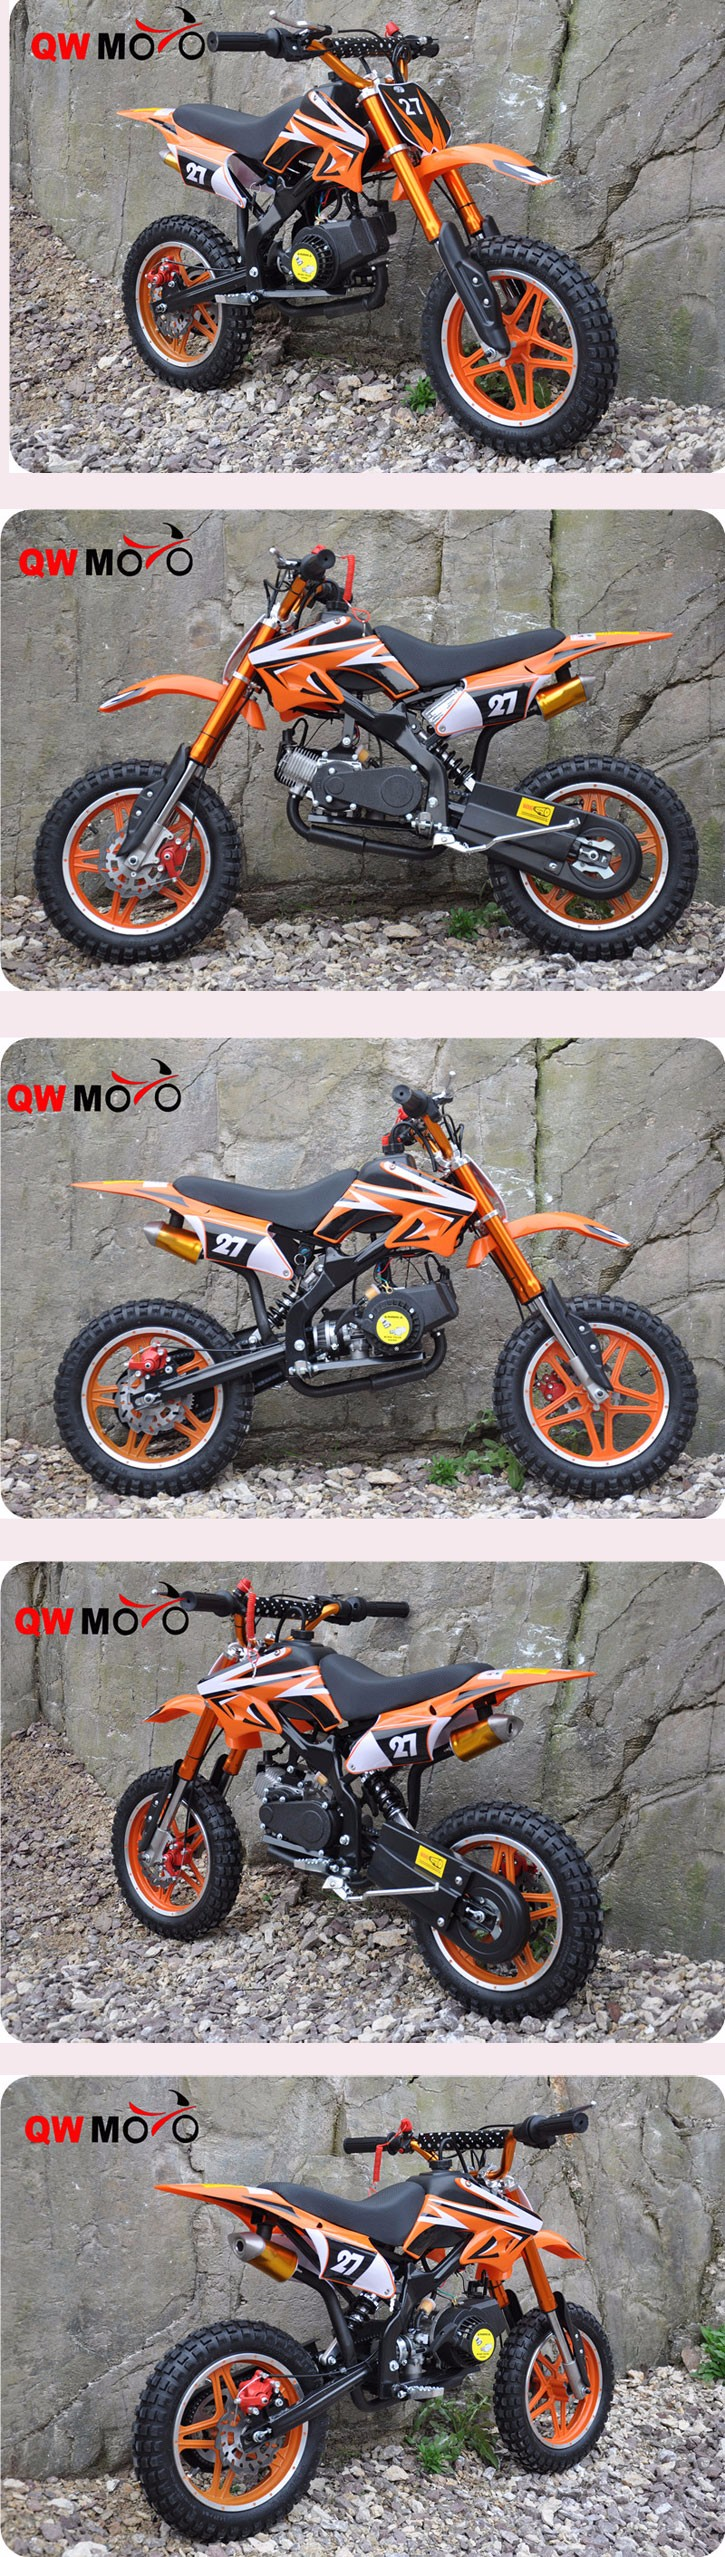 QWMOTO CE 50cc 2 temps mini enfants dirt bike pas cher 50cc pas cher dirt bike pour les enfants